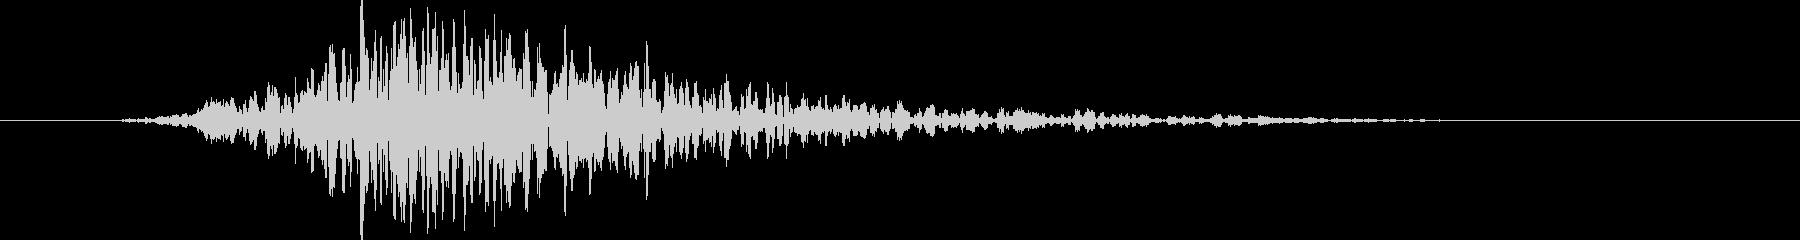 どーん:オープニングロゴなどの締めの音6の未再生の波形